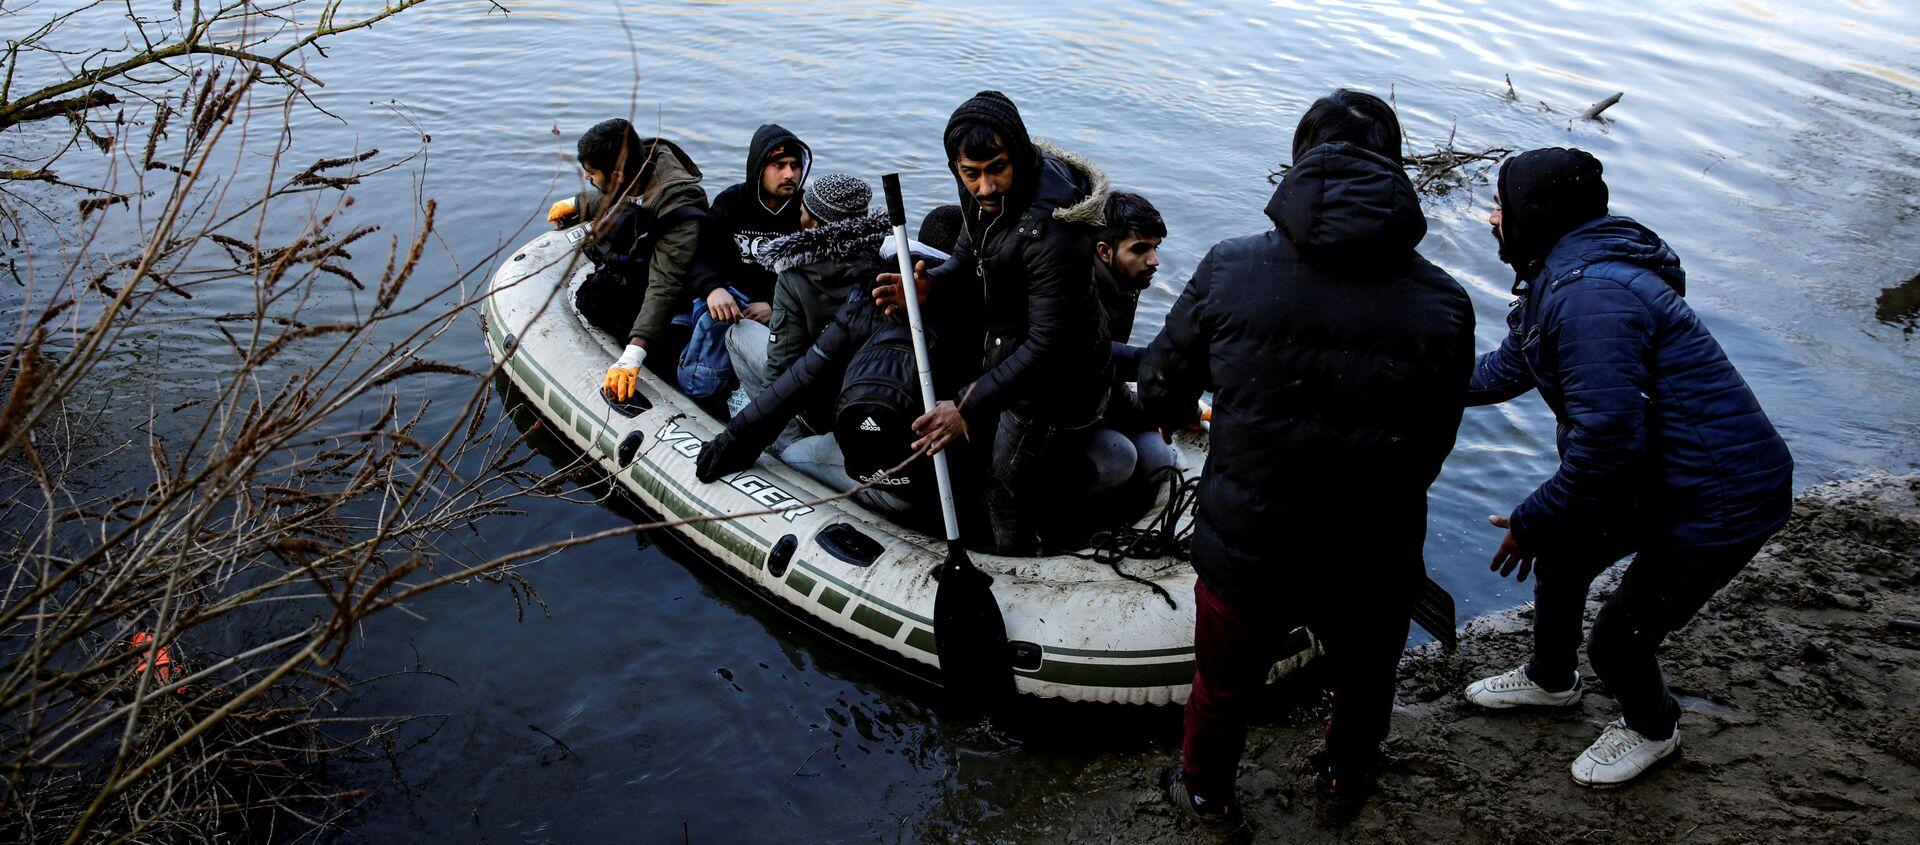 Uchodźcy w tureckiej prowincji Edirne, sąsiadującej z Grecją. - Sputnik Polska, 1920, 04.03.2020